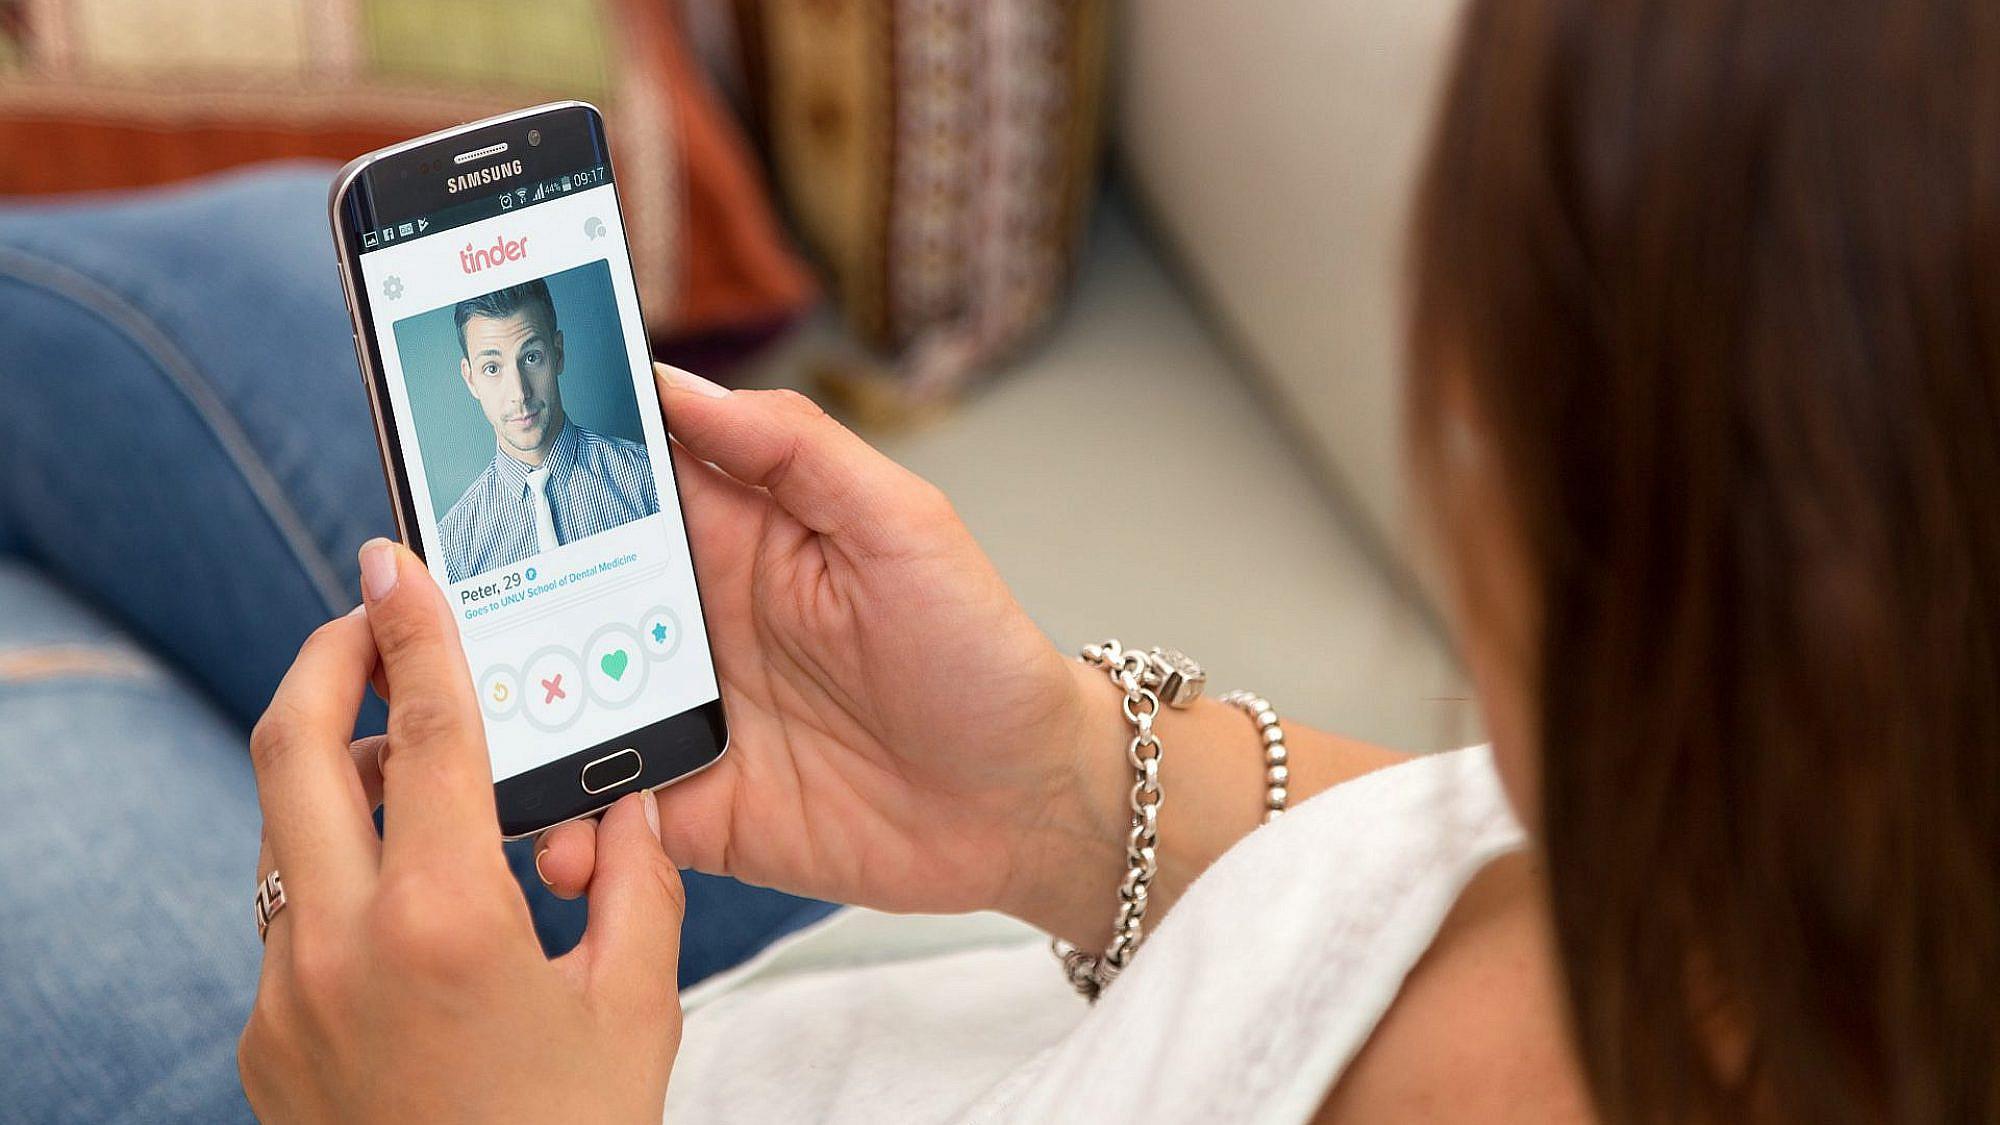 סוויפ שמאלה, סוויפ שמאלה, רגע, מה זה? אה, בעצם לא: מיומנה של רווקת טינדר   צילום: Shutterstock